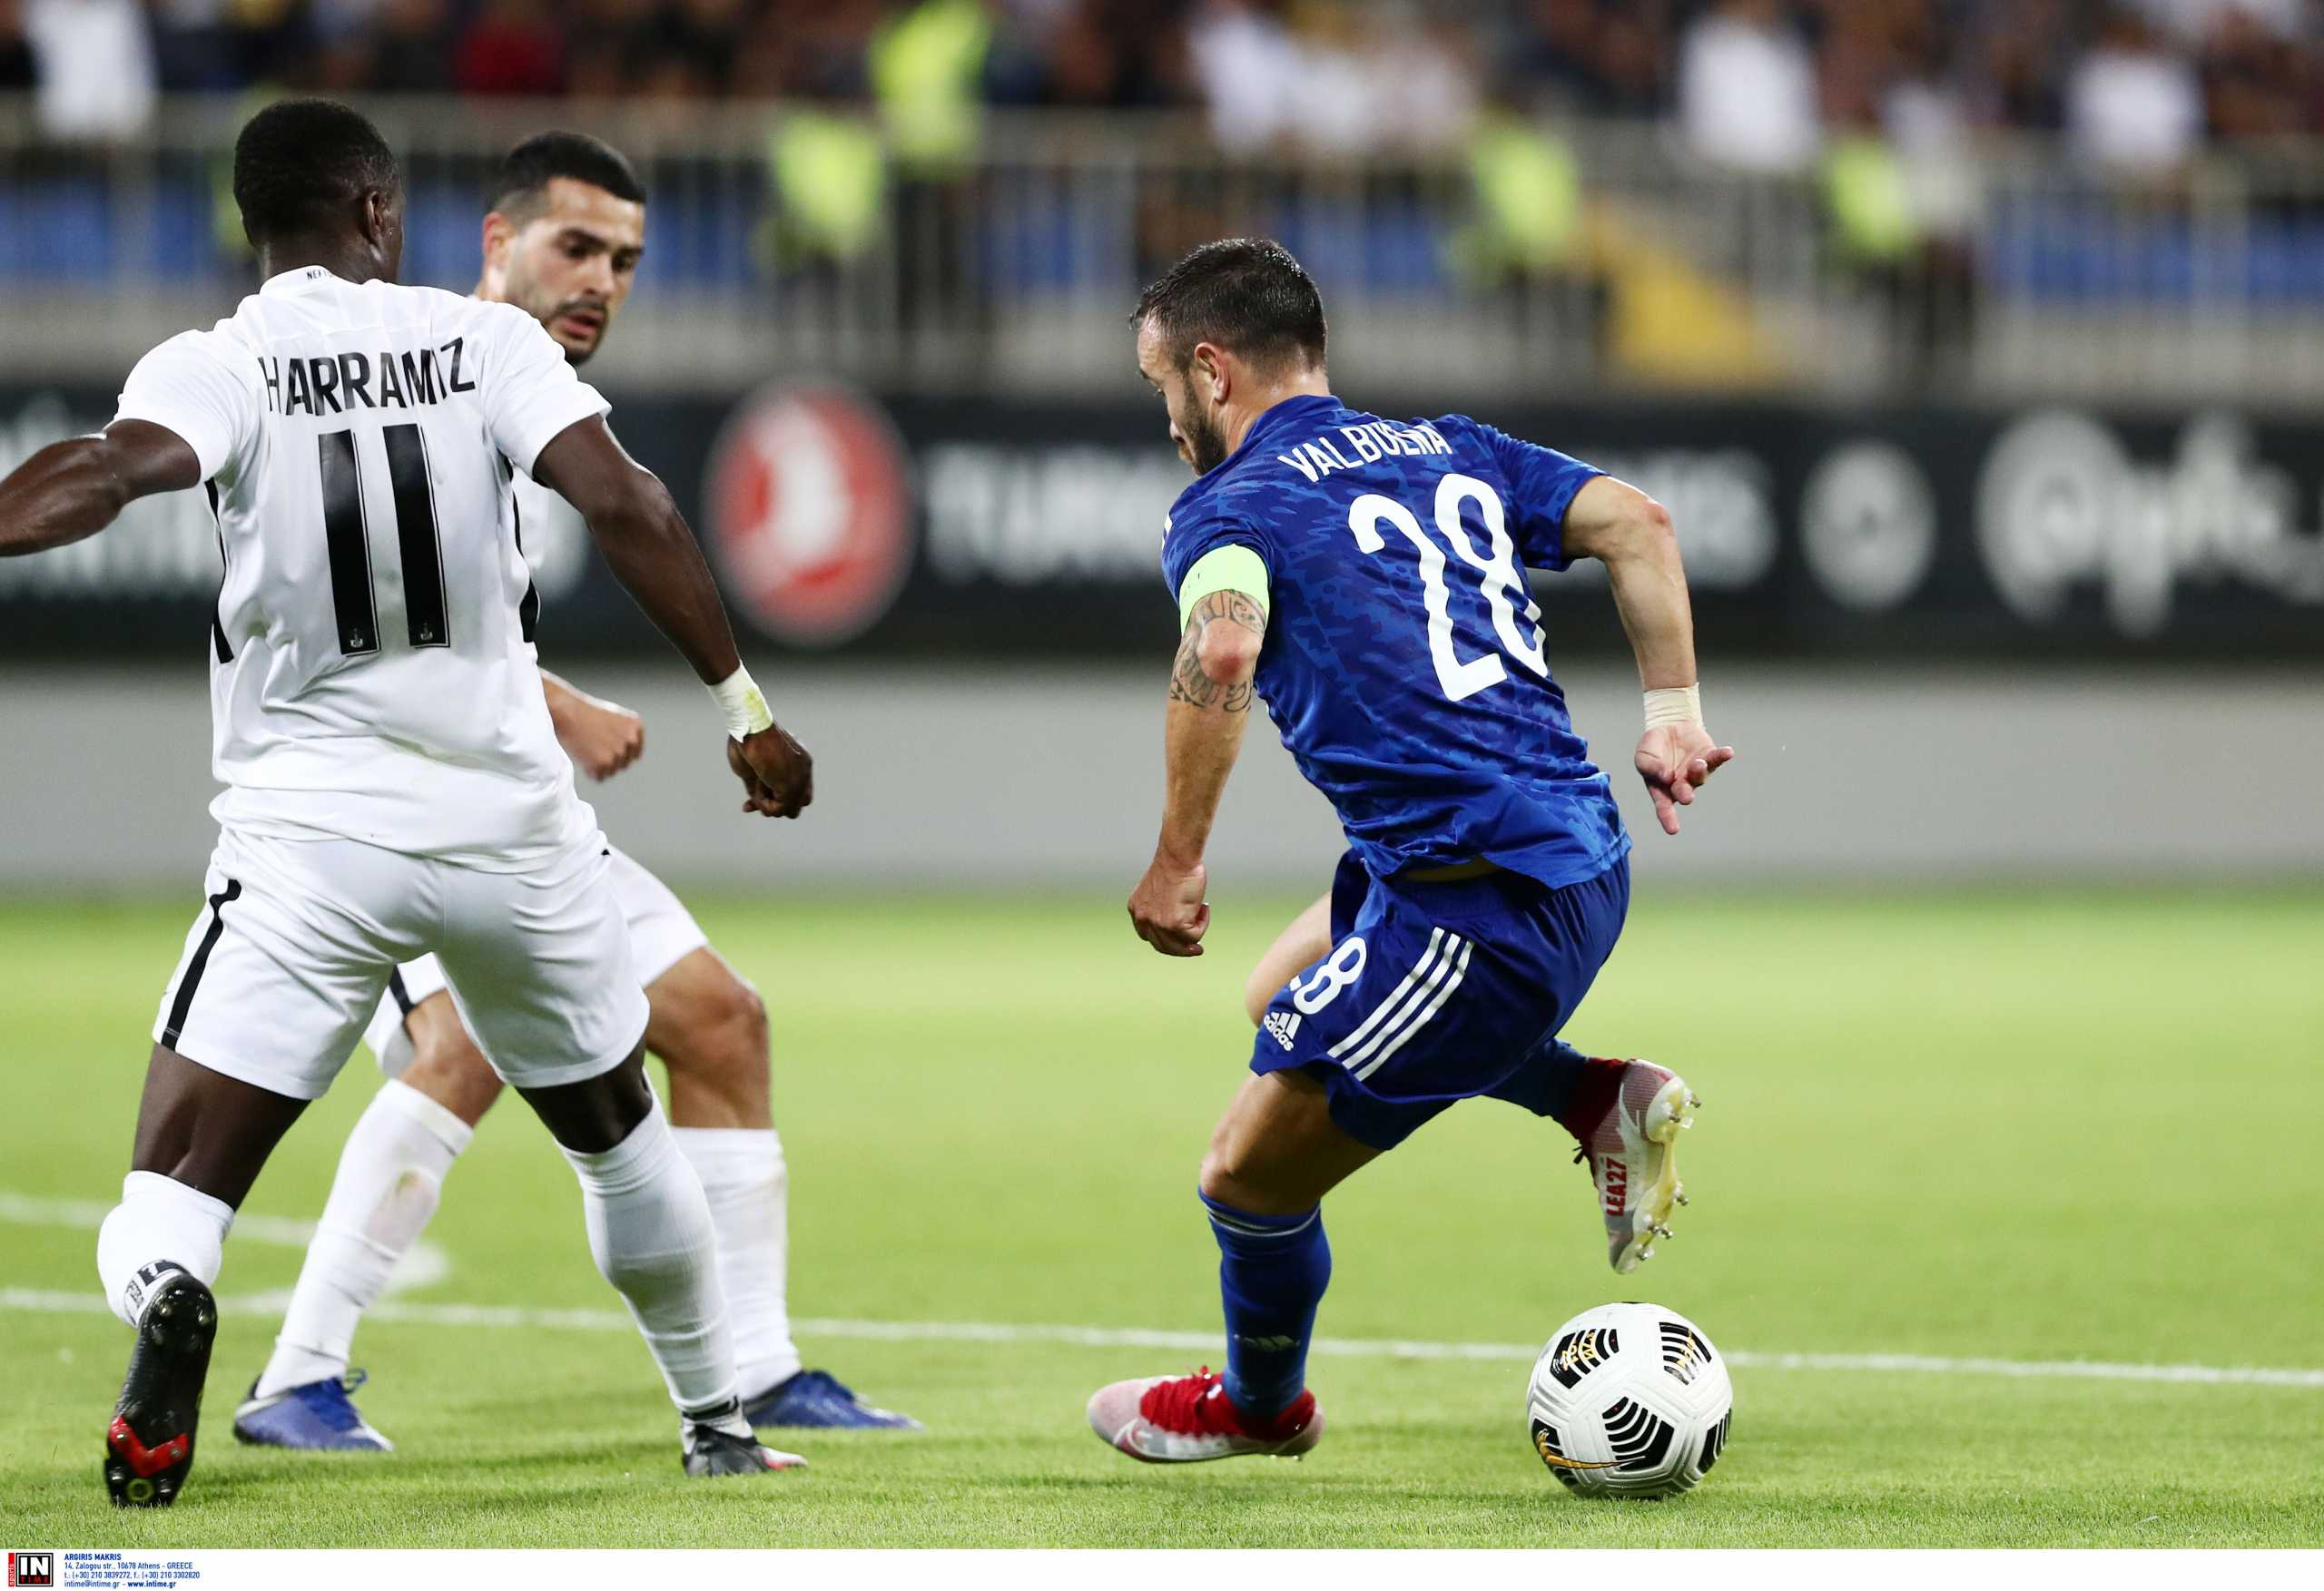 Νέφτσι Μπακού – Ολυμπιακός 0-1 ΤΕΛΙΚΟ